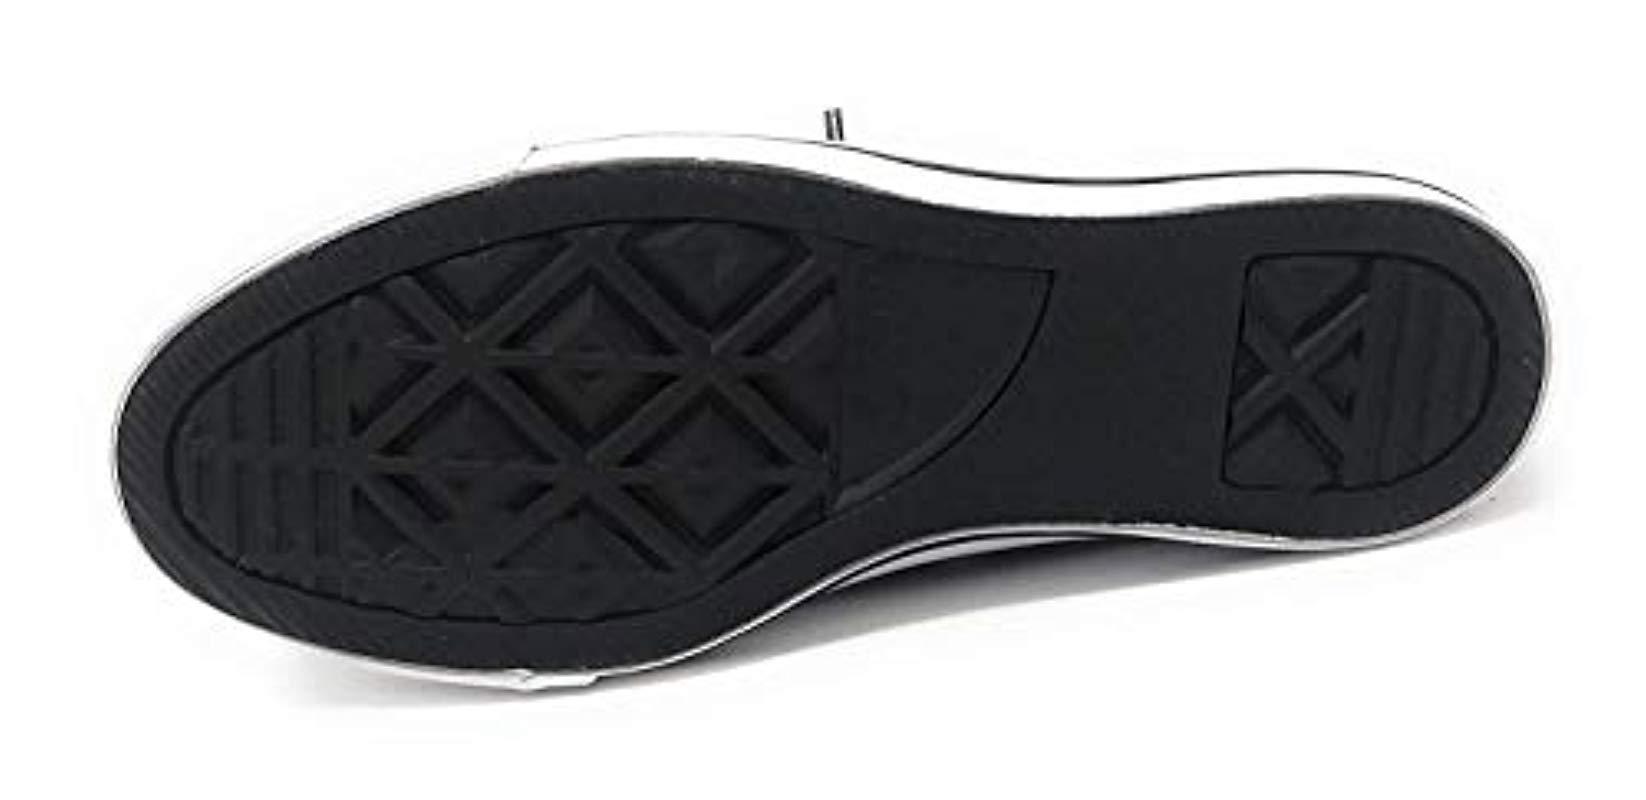 , Baskets mode pour homme Toile Converse en coloris Noir  jMVN